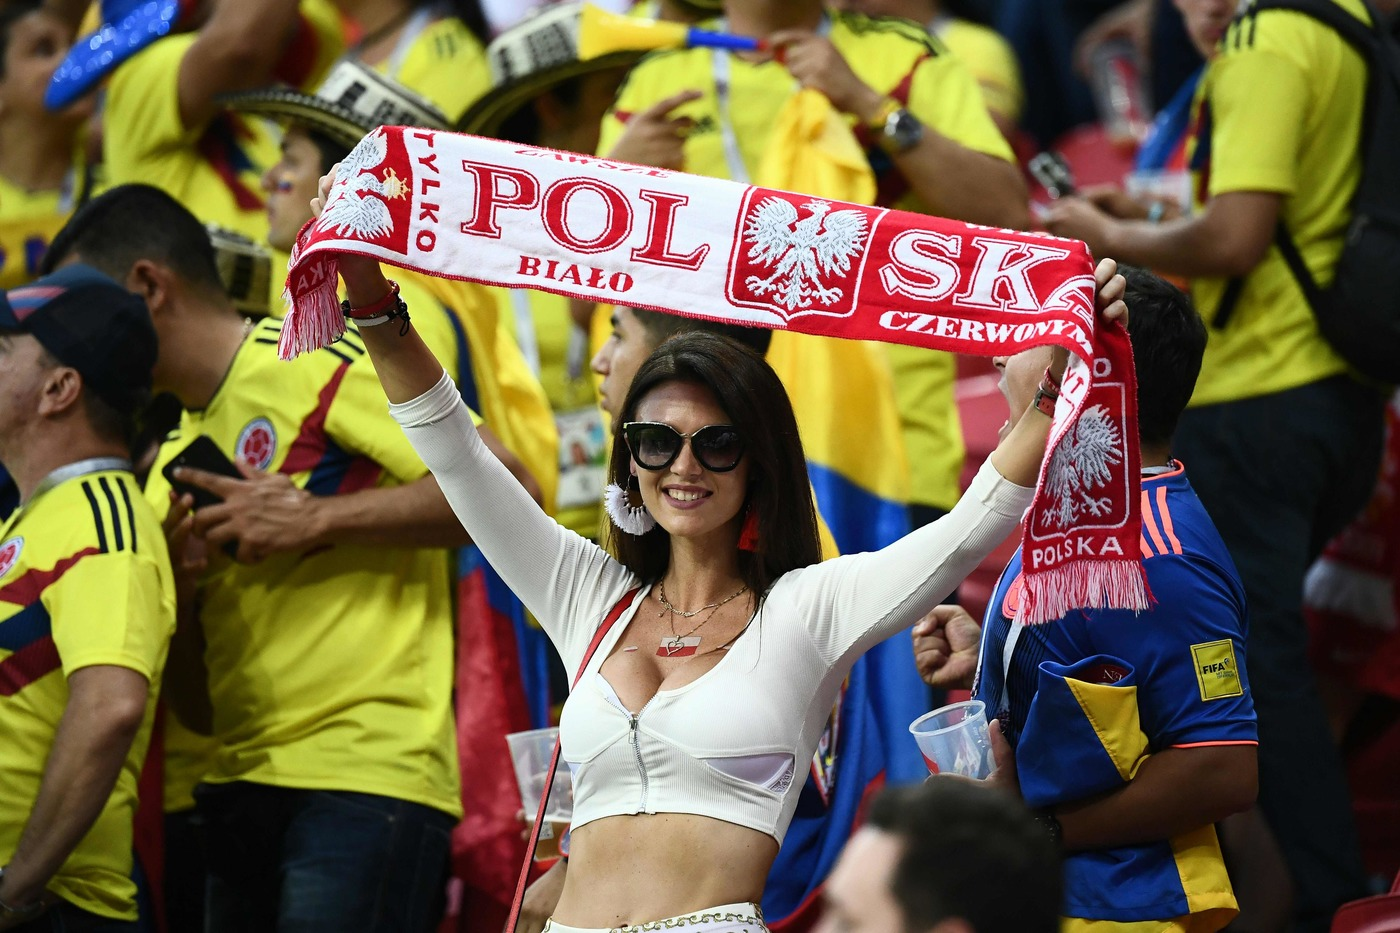 Polonia-Portogallo 16 novembre: si gioca la gara d'andata del play-off di qualificazione agli Europei U.21. Polacchi leggermente favoriti.